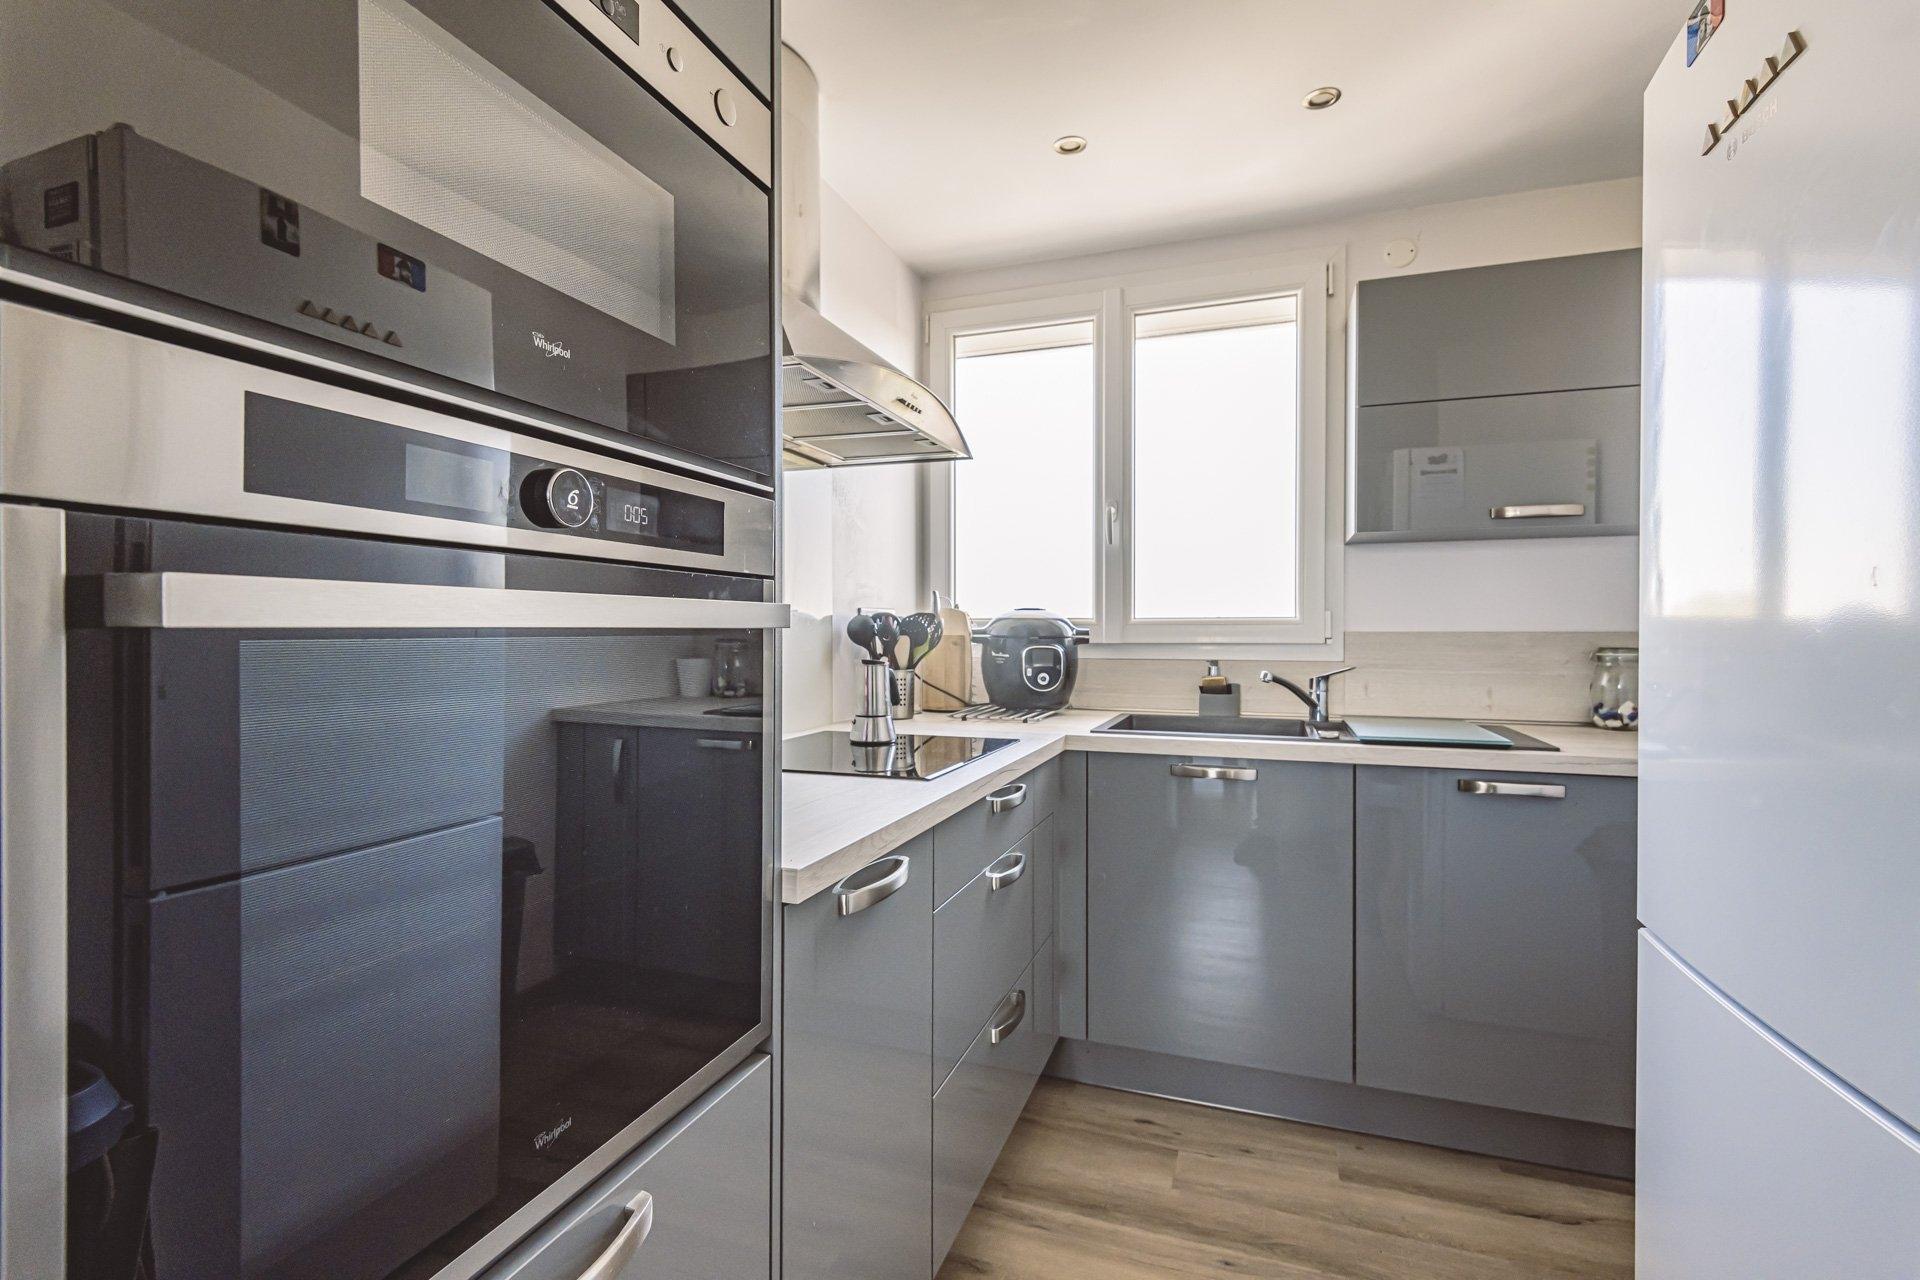 Appartement Tinqueux 4 Pièces 61.88 m2 - Balcon - 4